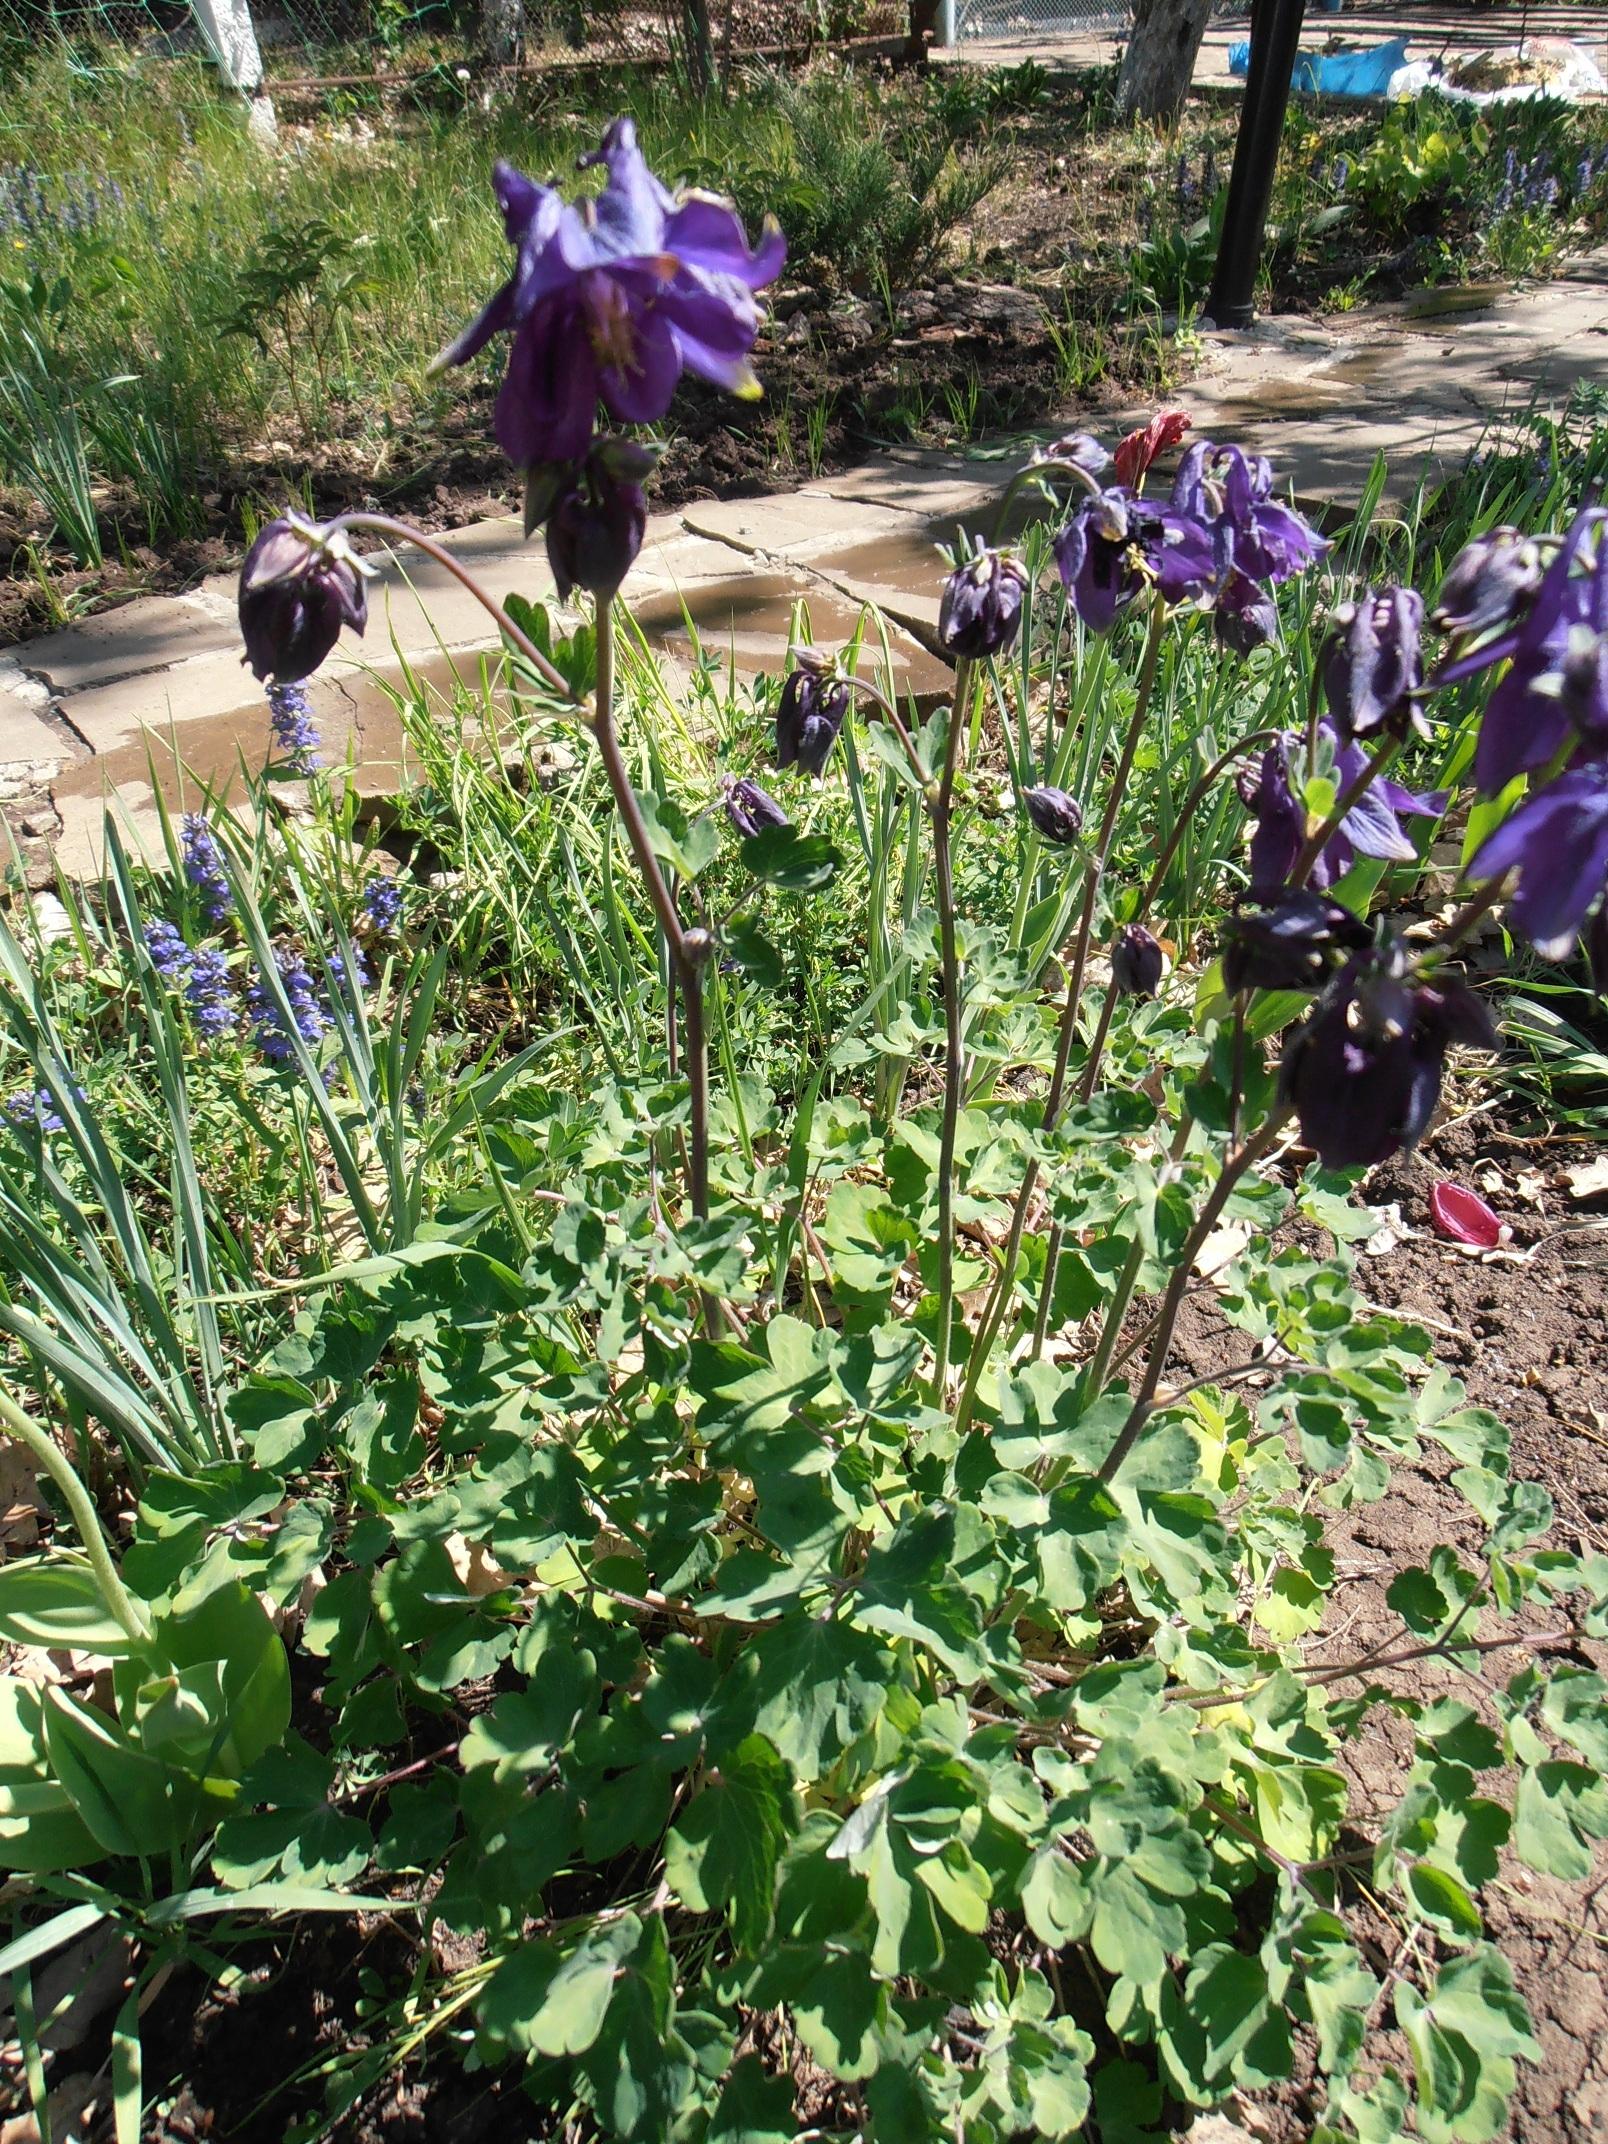 Из пышной розетки ажурных листьев появляются стебли высотой 30-50 см с крупными цветками сине-лилово-голубых тонов с коротким шпорцем.